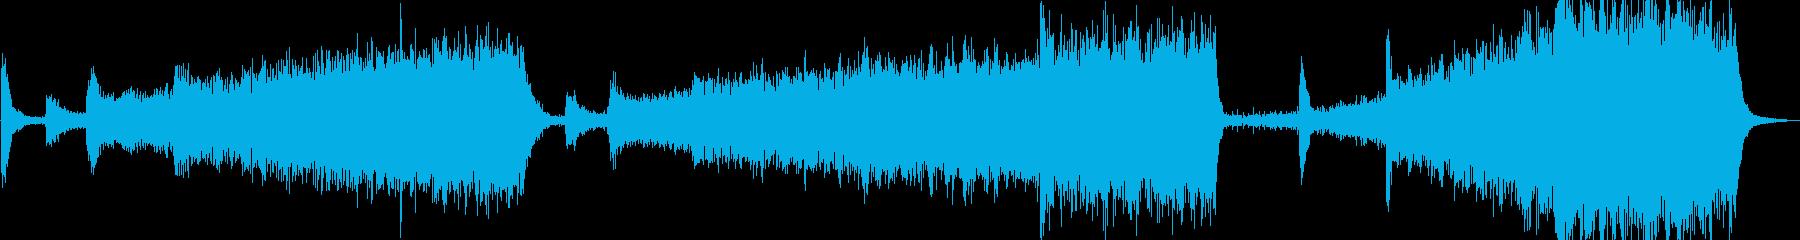 ニューエイジ/アンビエントインスト...の再生済みの波形